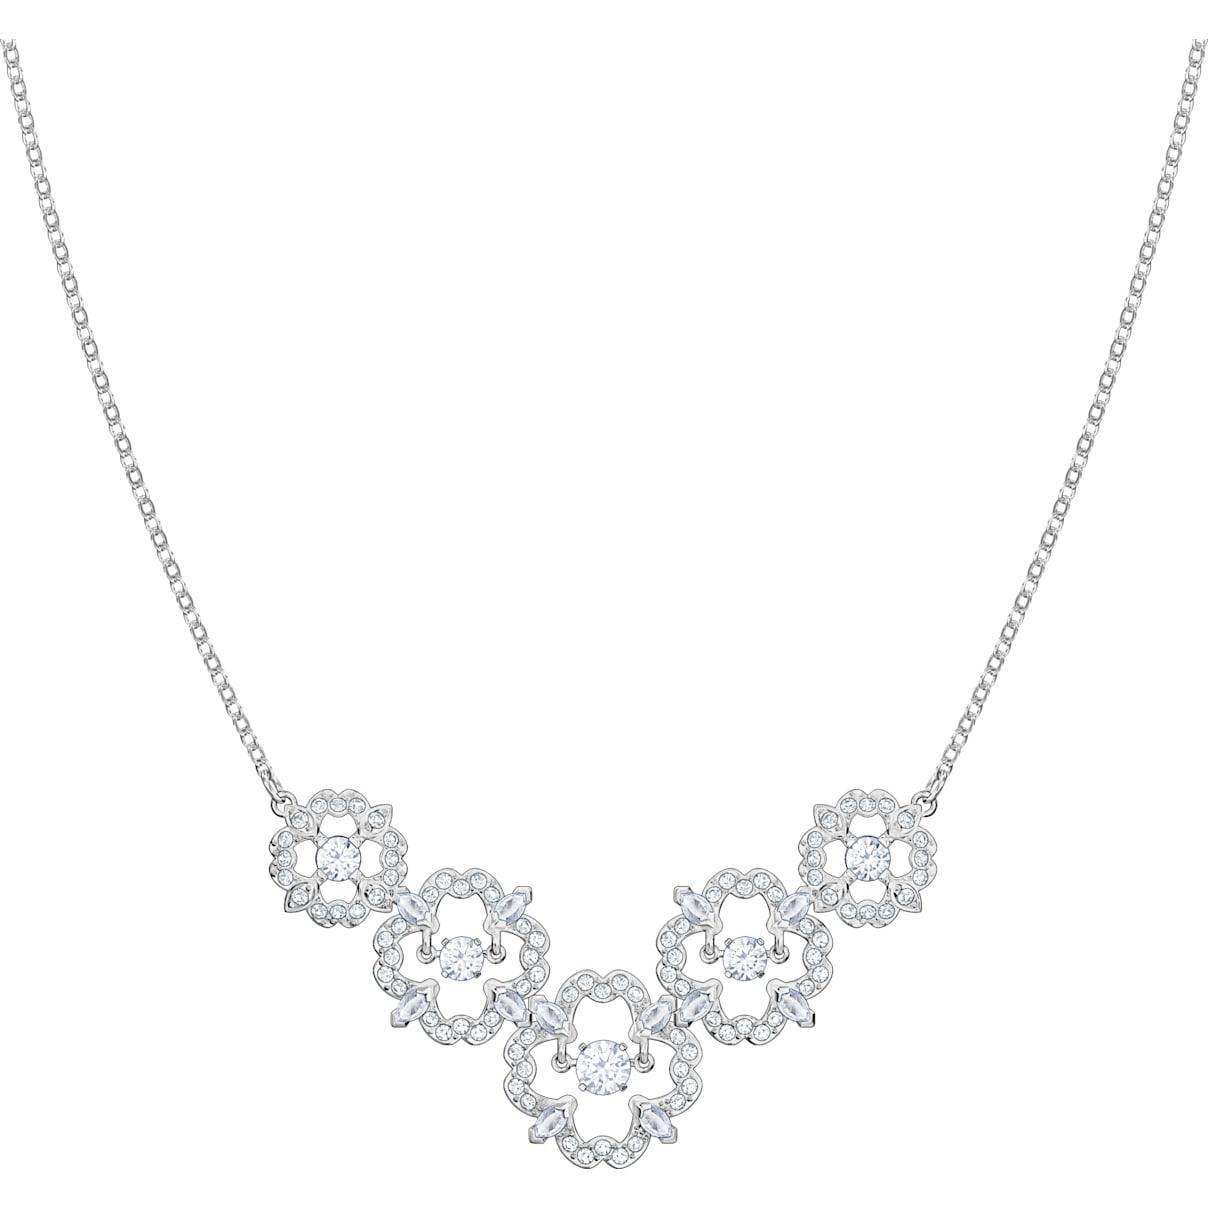 Sparkling Dance Flower Halskette, weiss, Rhodiniert